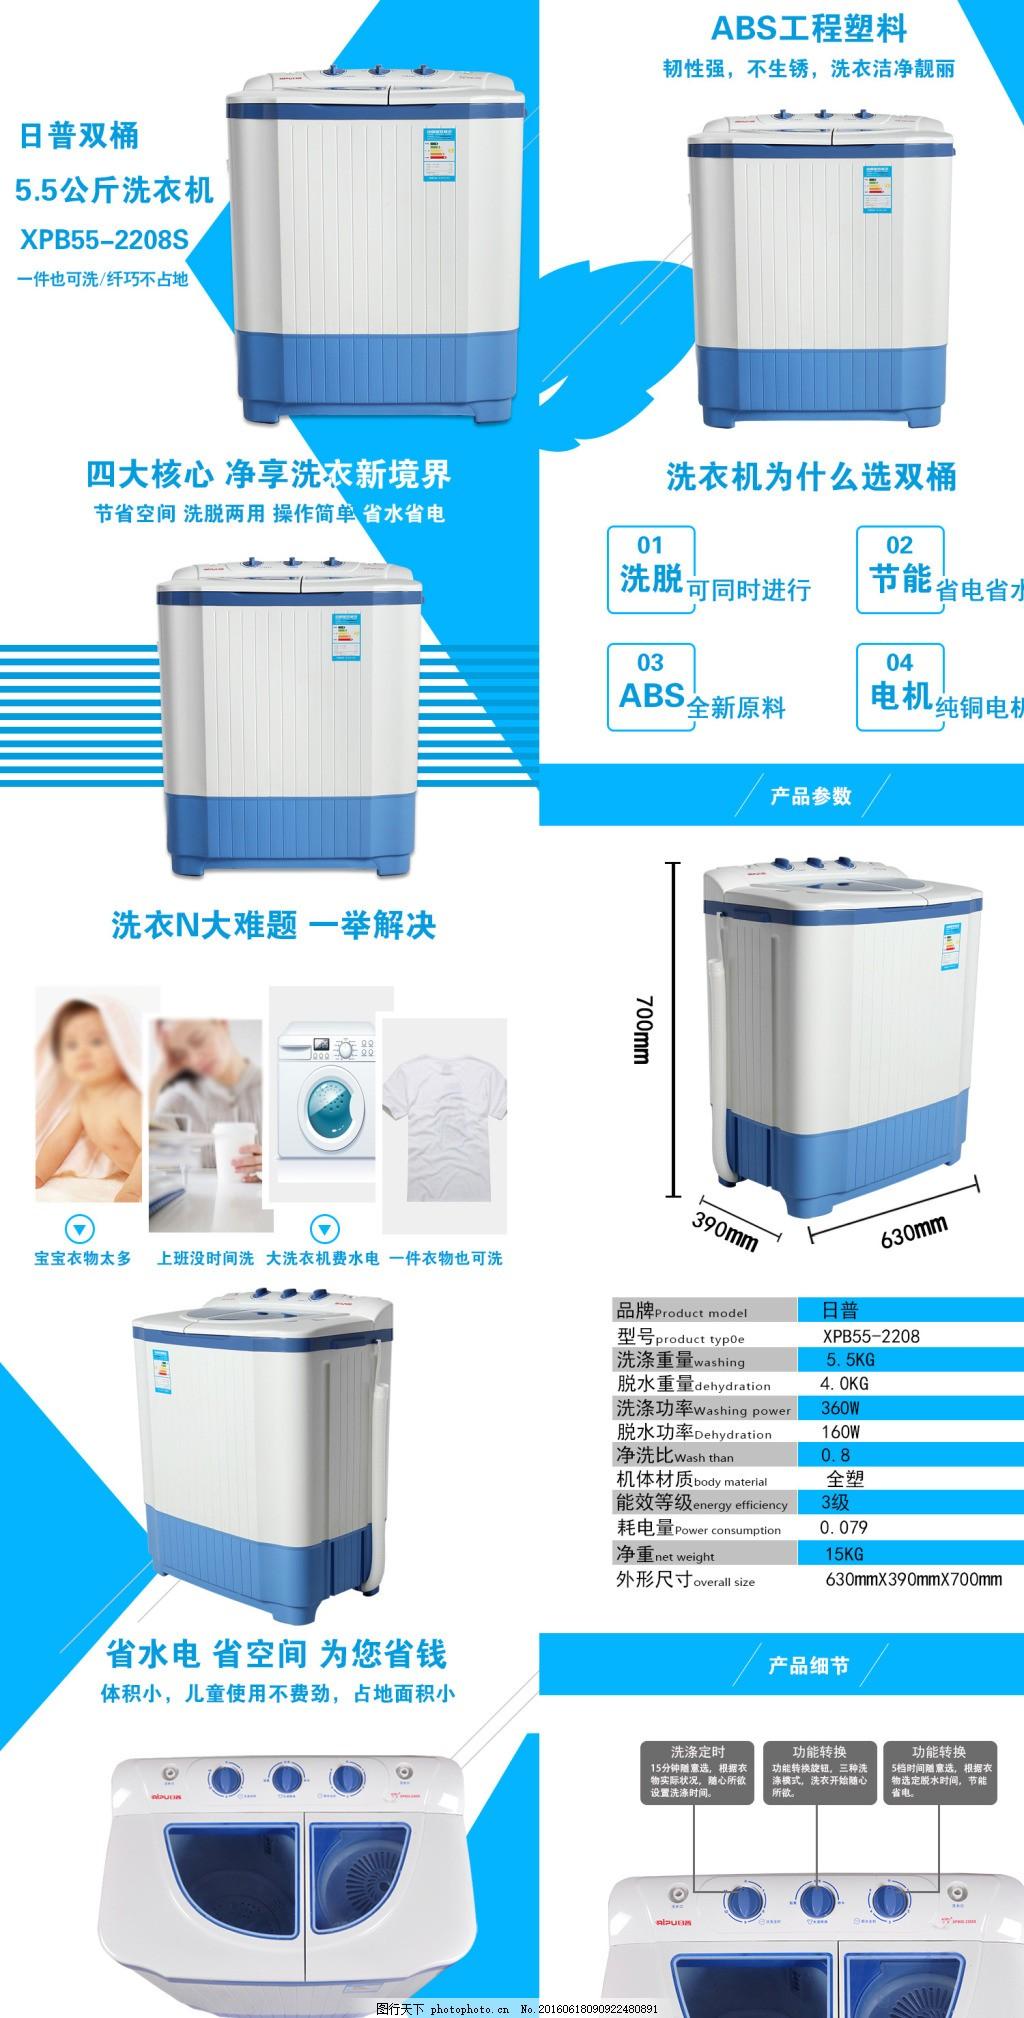 洗衣机详情页 淘宝详情页 蓝色详情页 小洗衣机 白色